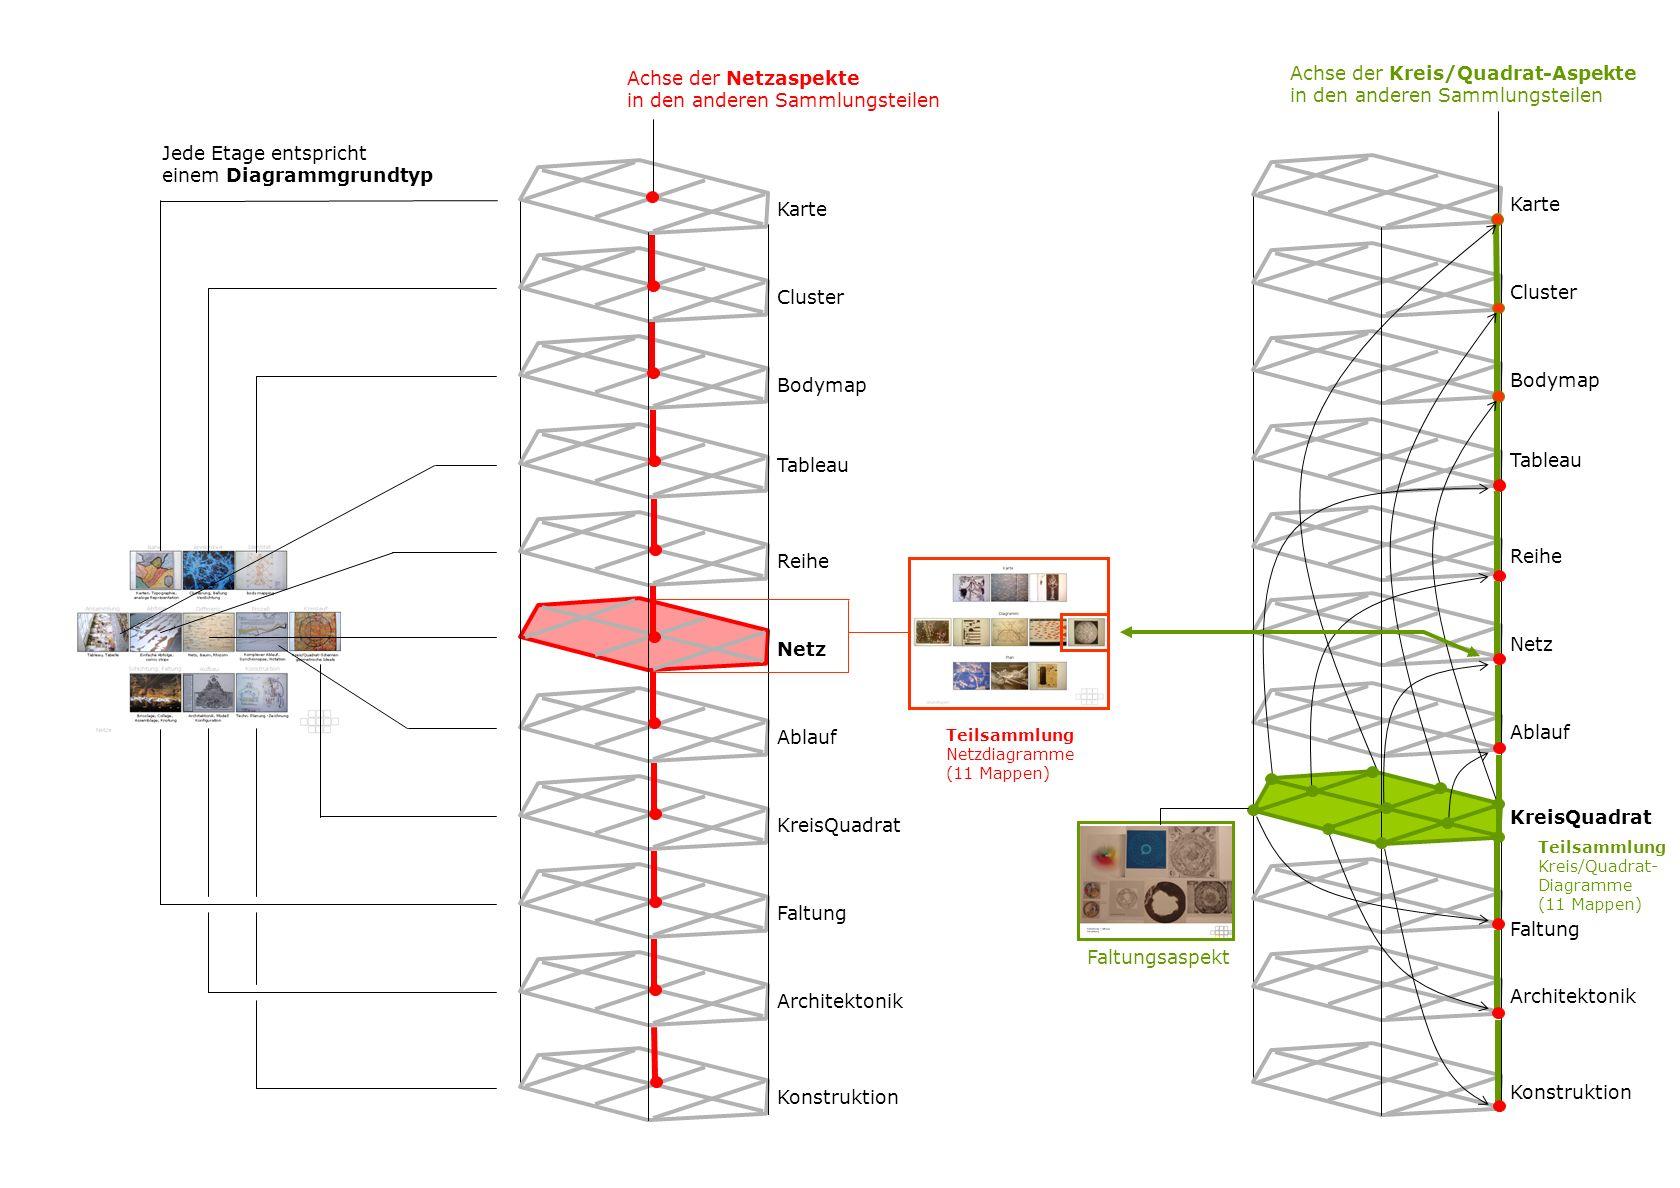 Karte Cluster Bodymap Tableau Reihe Netz Ablauf KreisQuadrat Faltung Architektonik Konstruktion Teilsammlung Netzdiagramme (11 Mappen) Achse der Netza